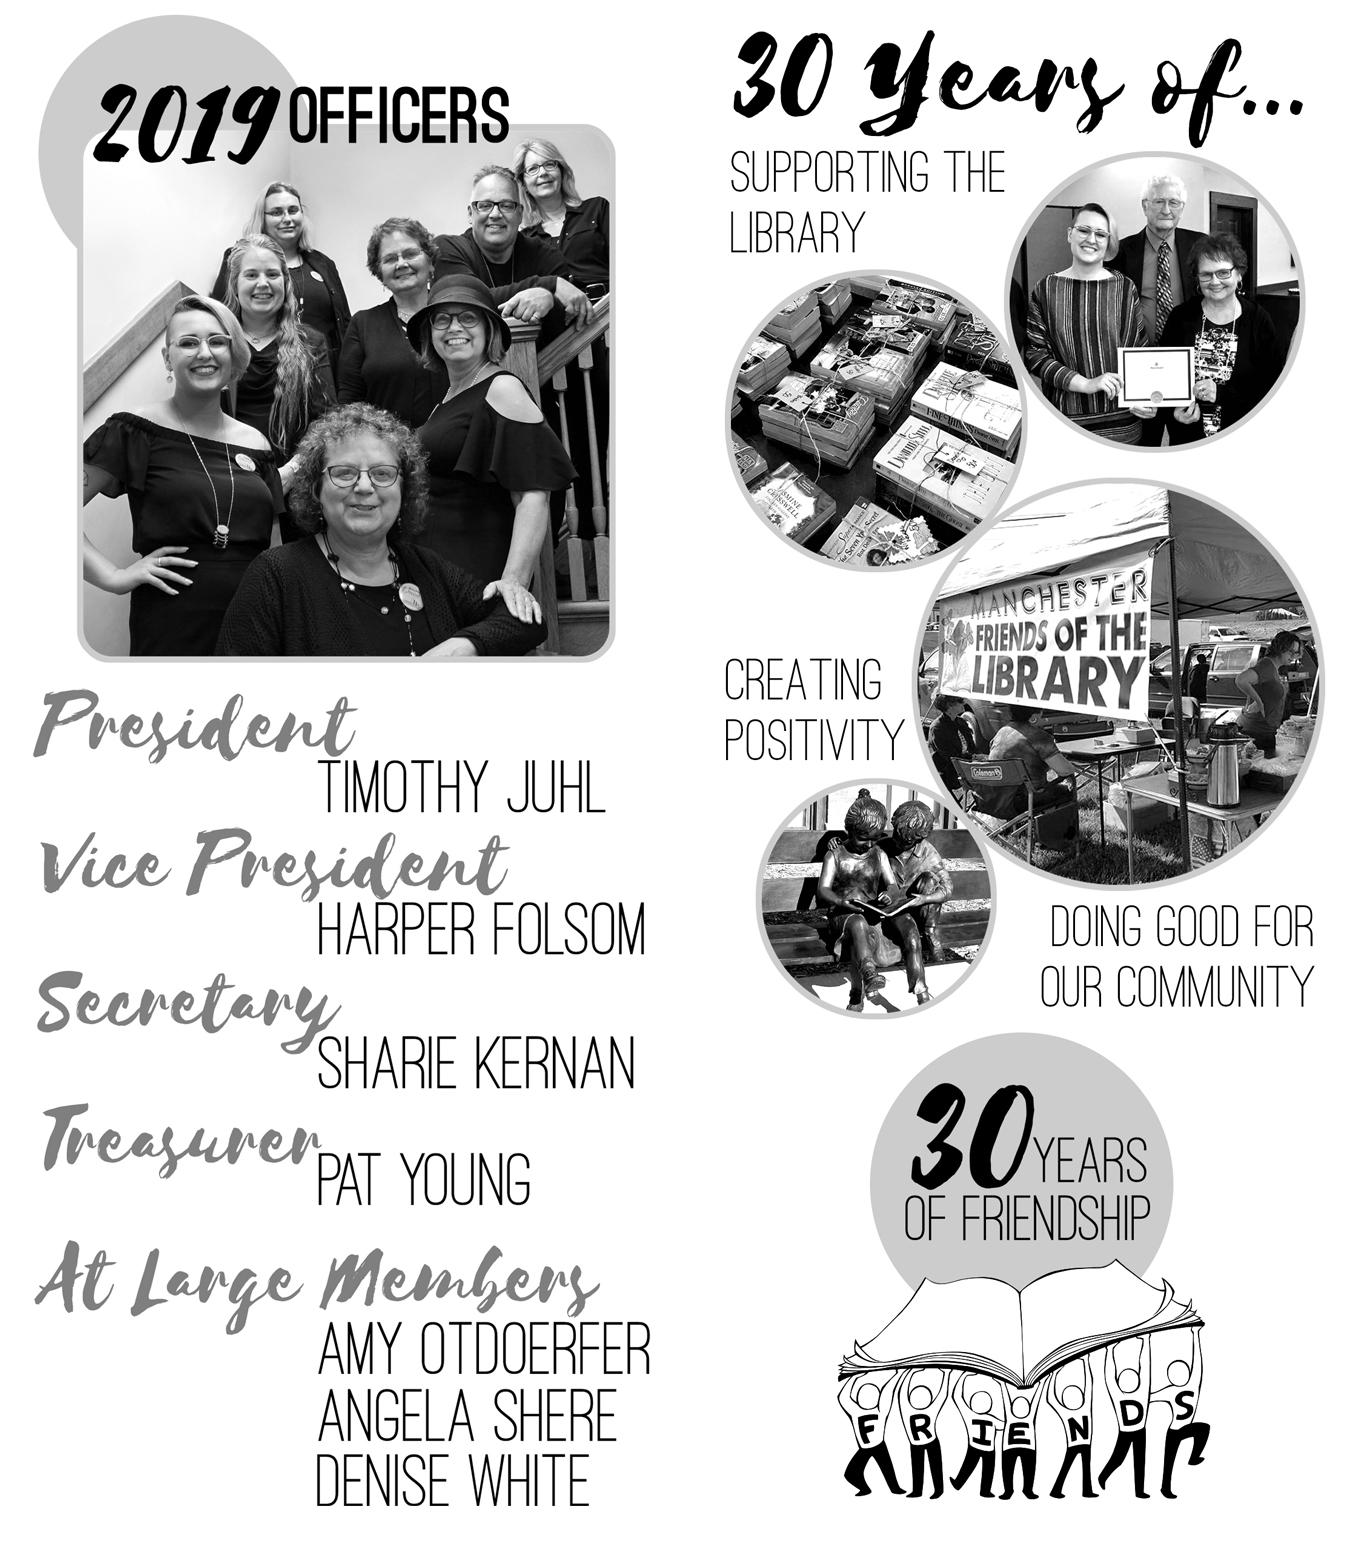 FotL-brochure-2019-front.jpg